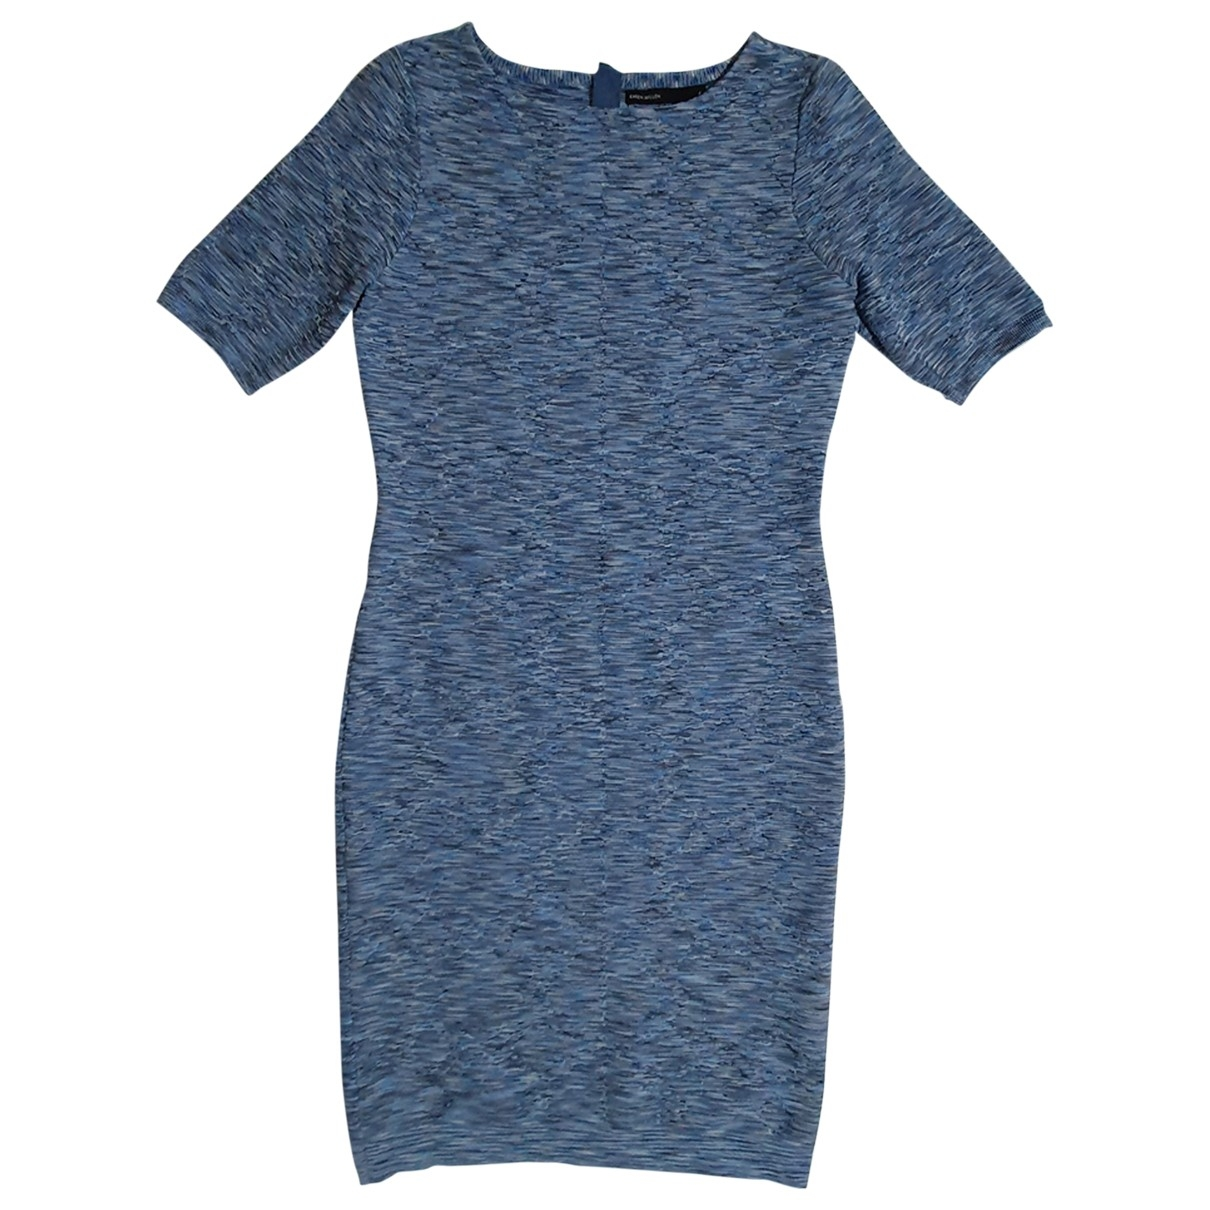 Karen Millen \N Blue dress for Women S International